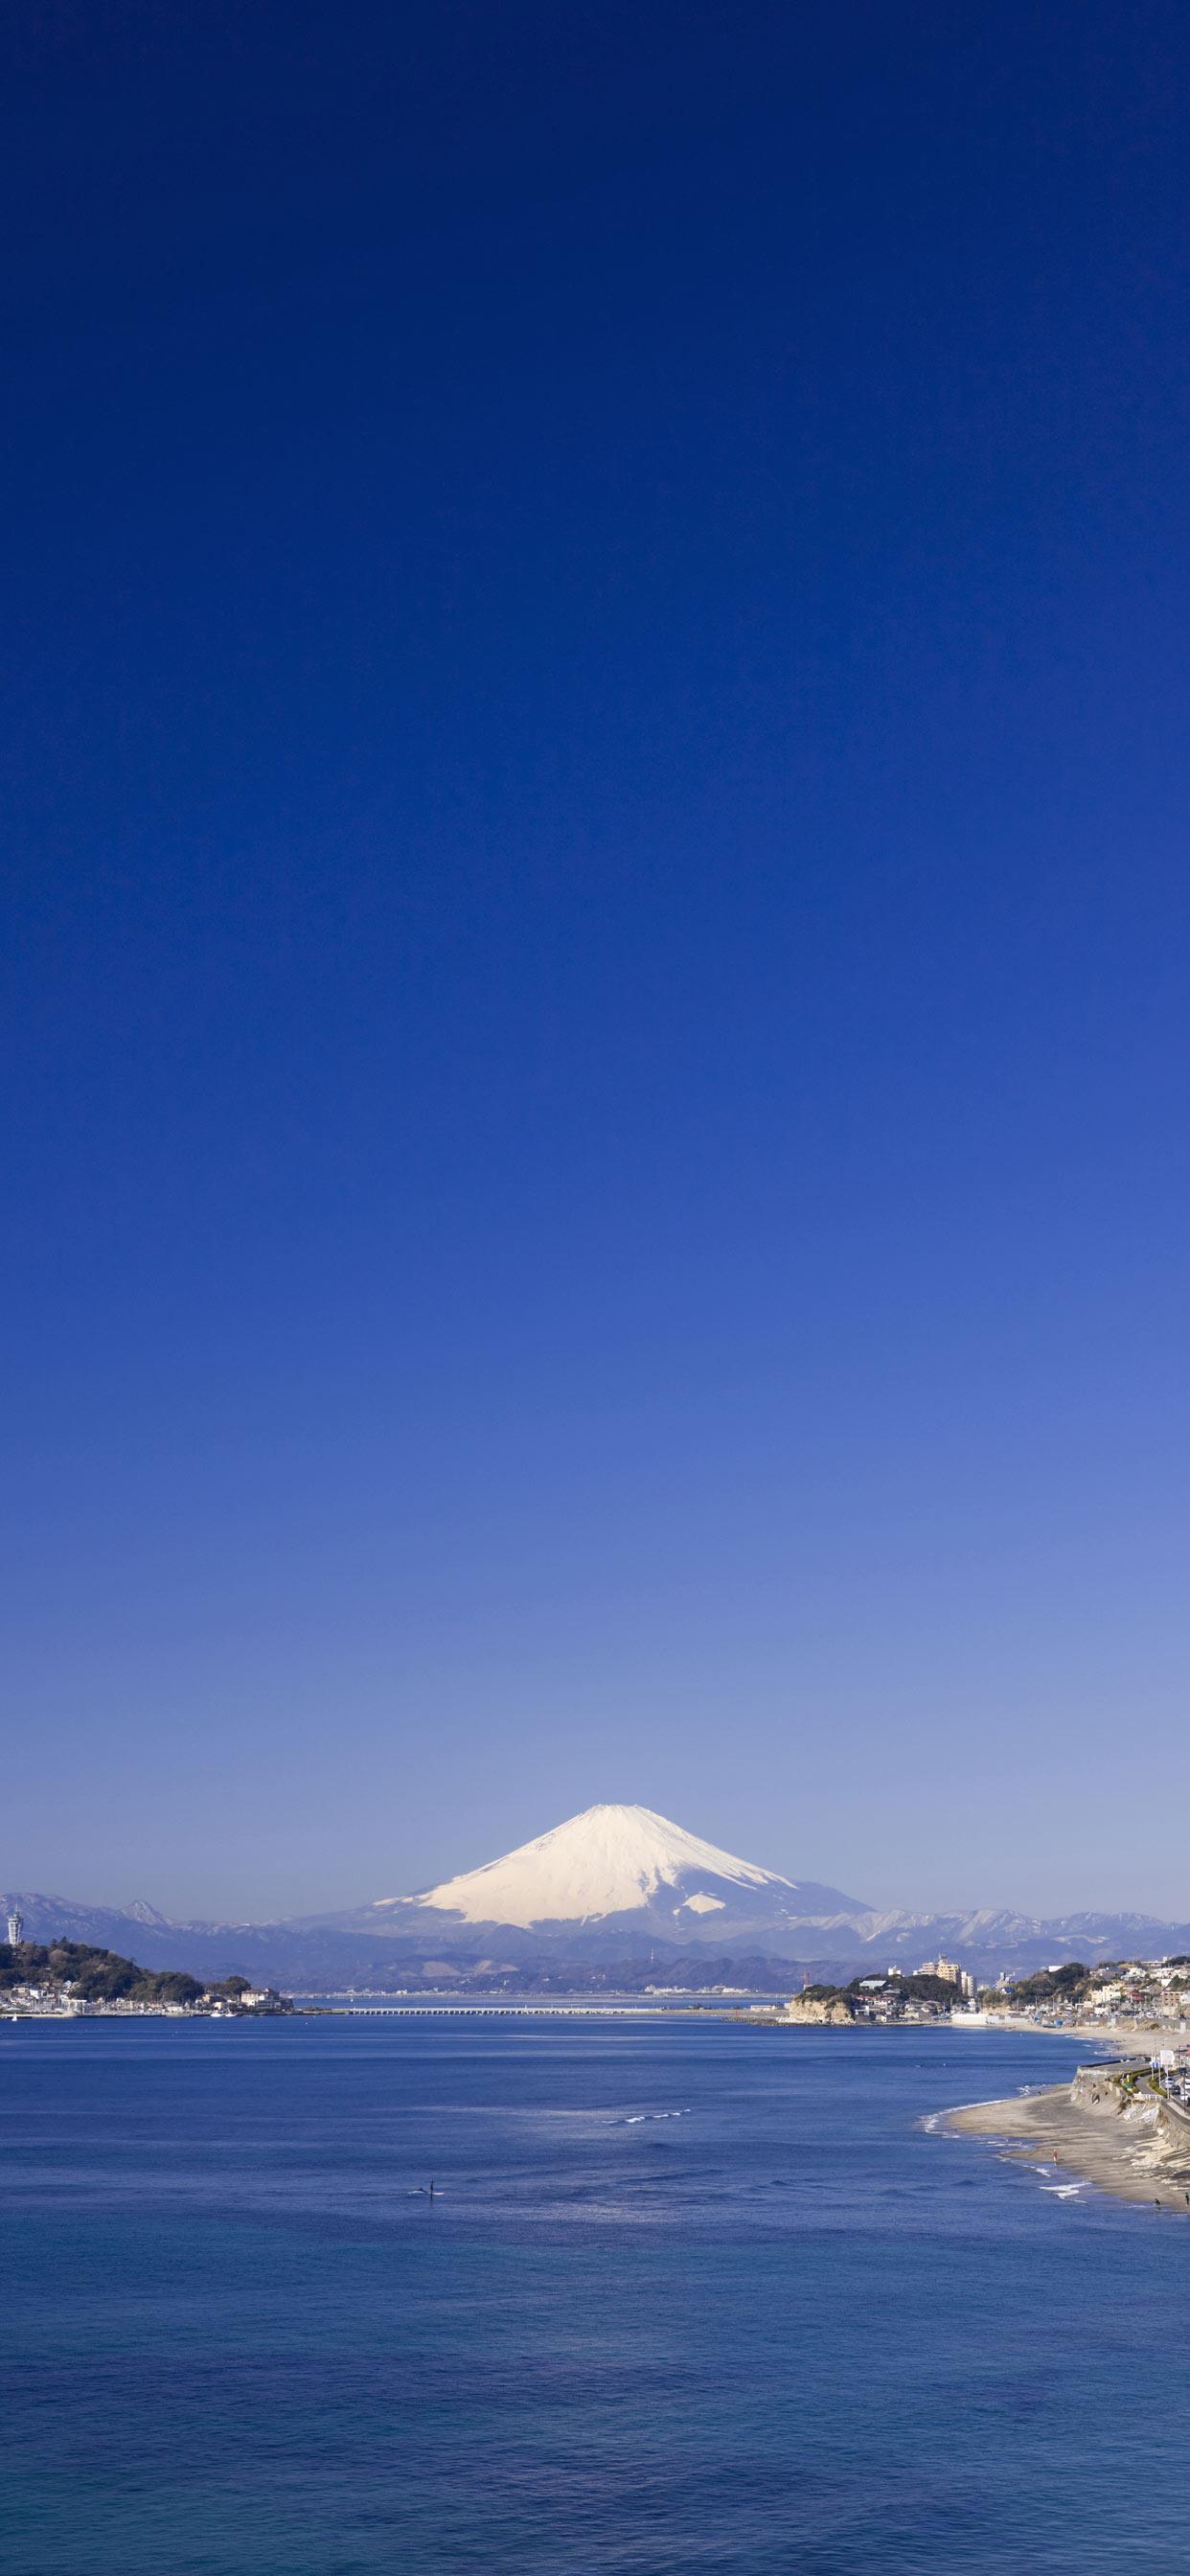 富士山の無料待ち受け画像 スマホ壁紙 Iphone Android 1 待ち受けparadise